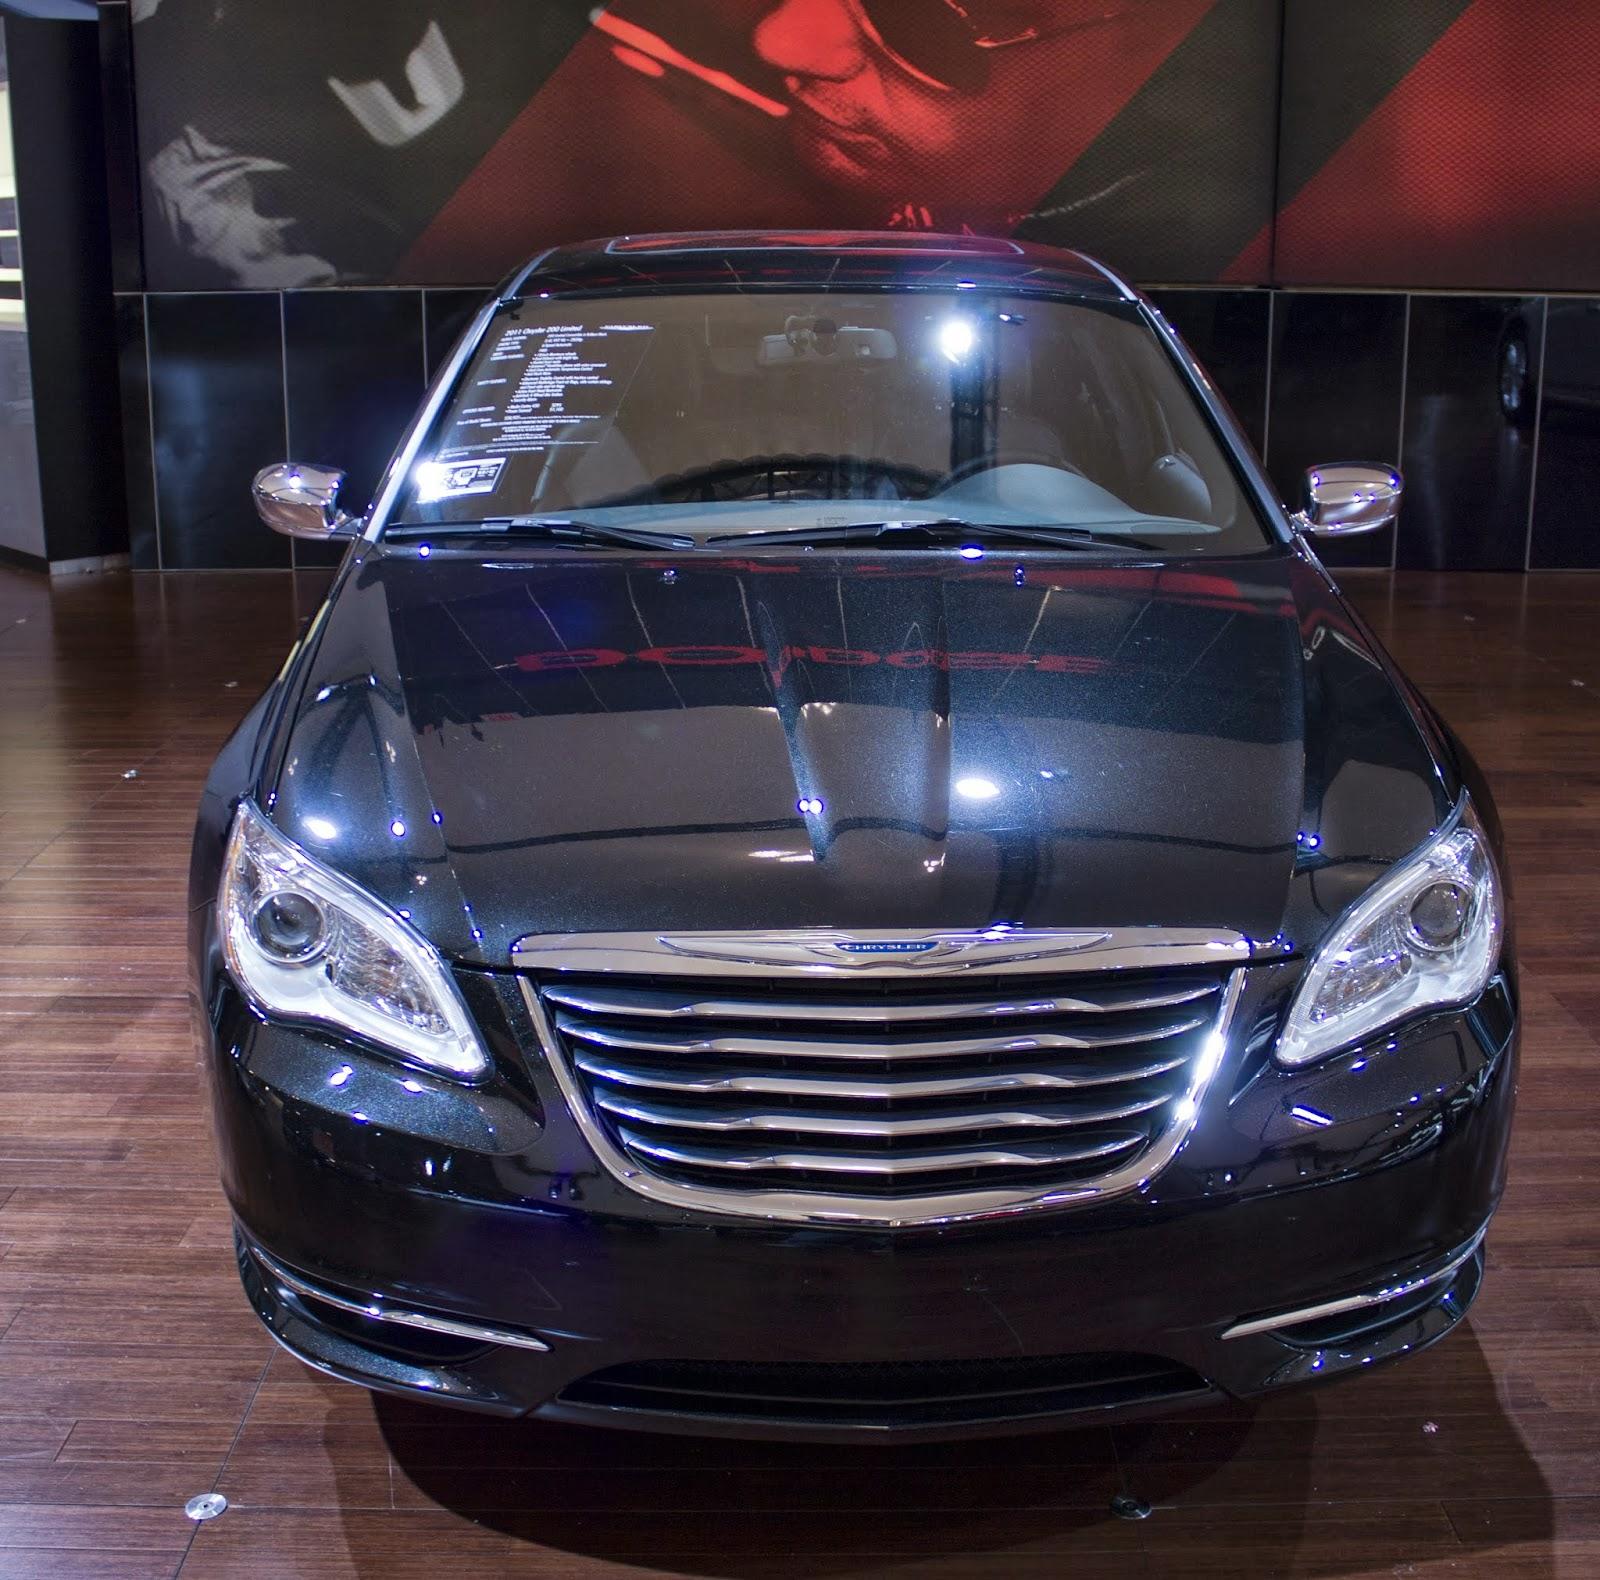 Chrysler 200 Wallpaper